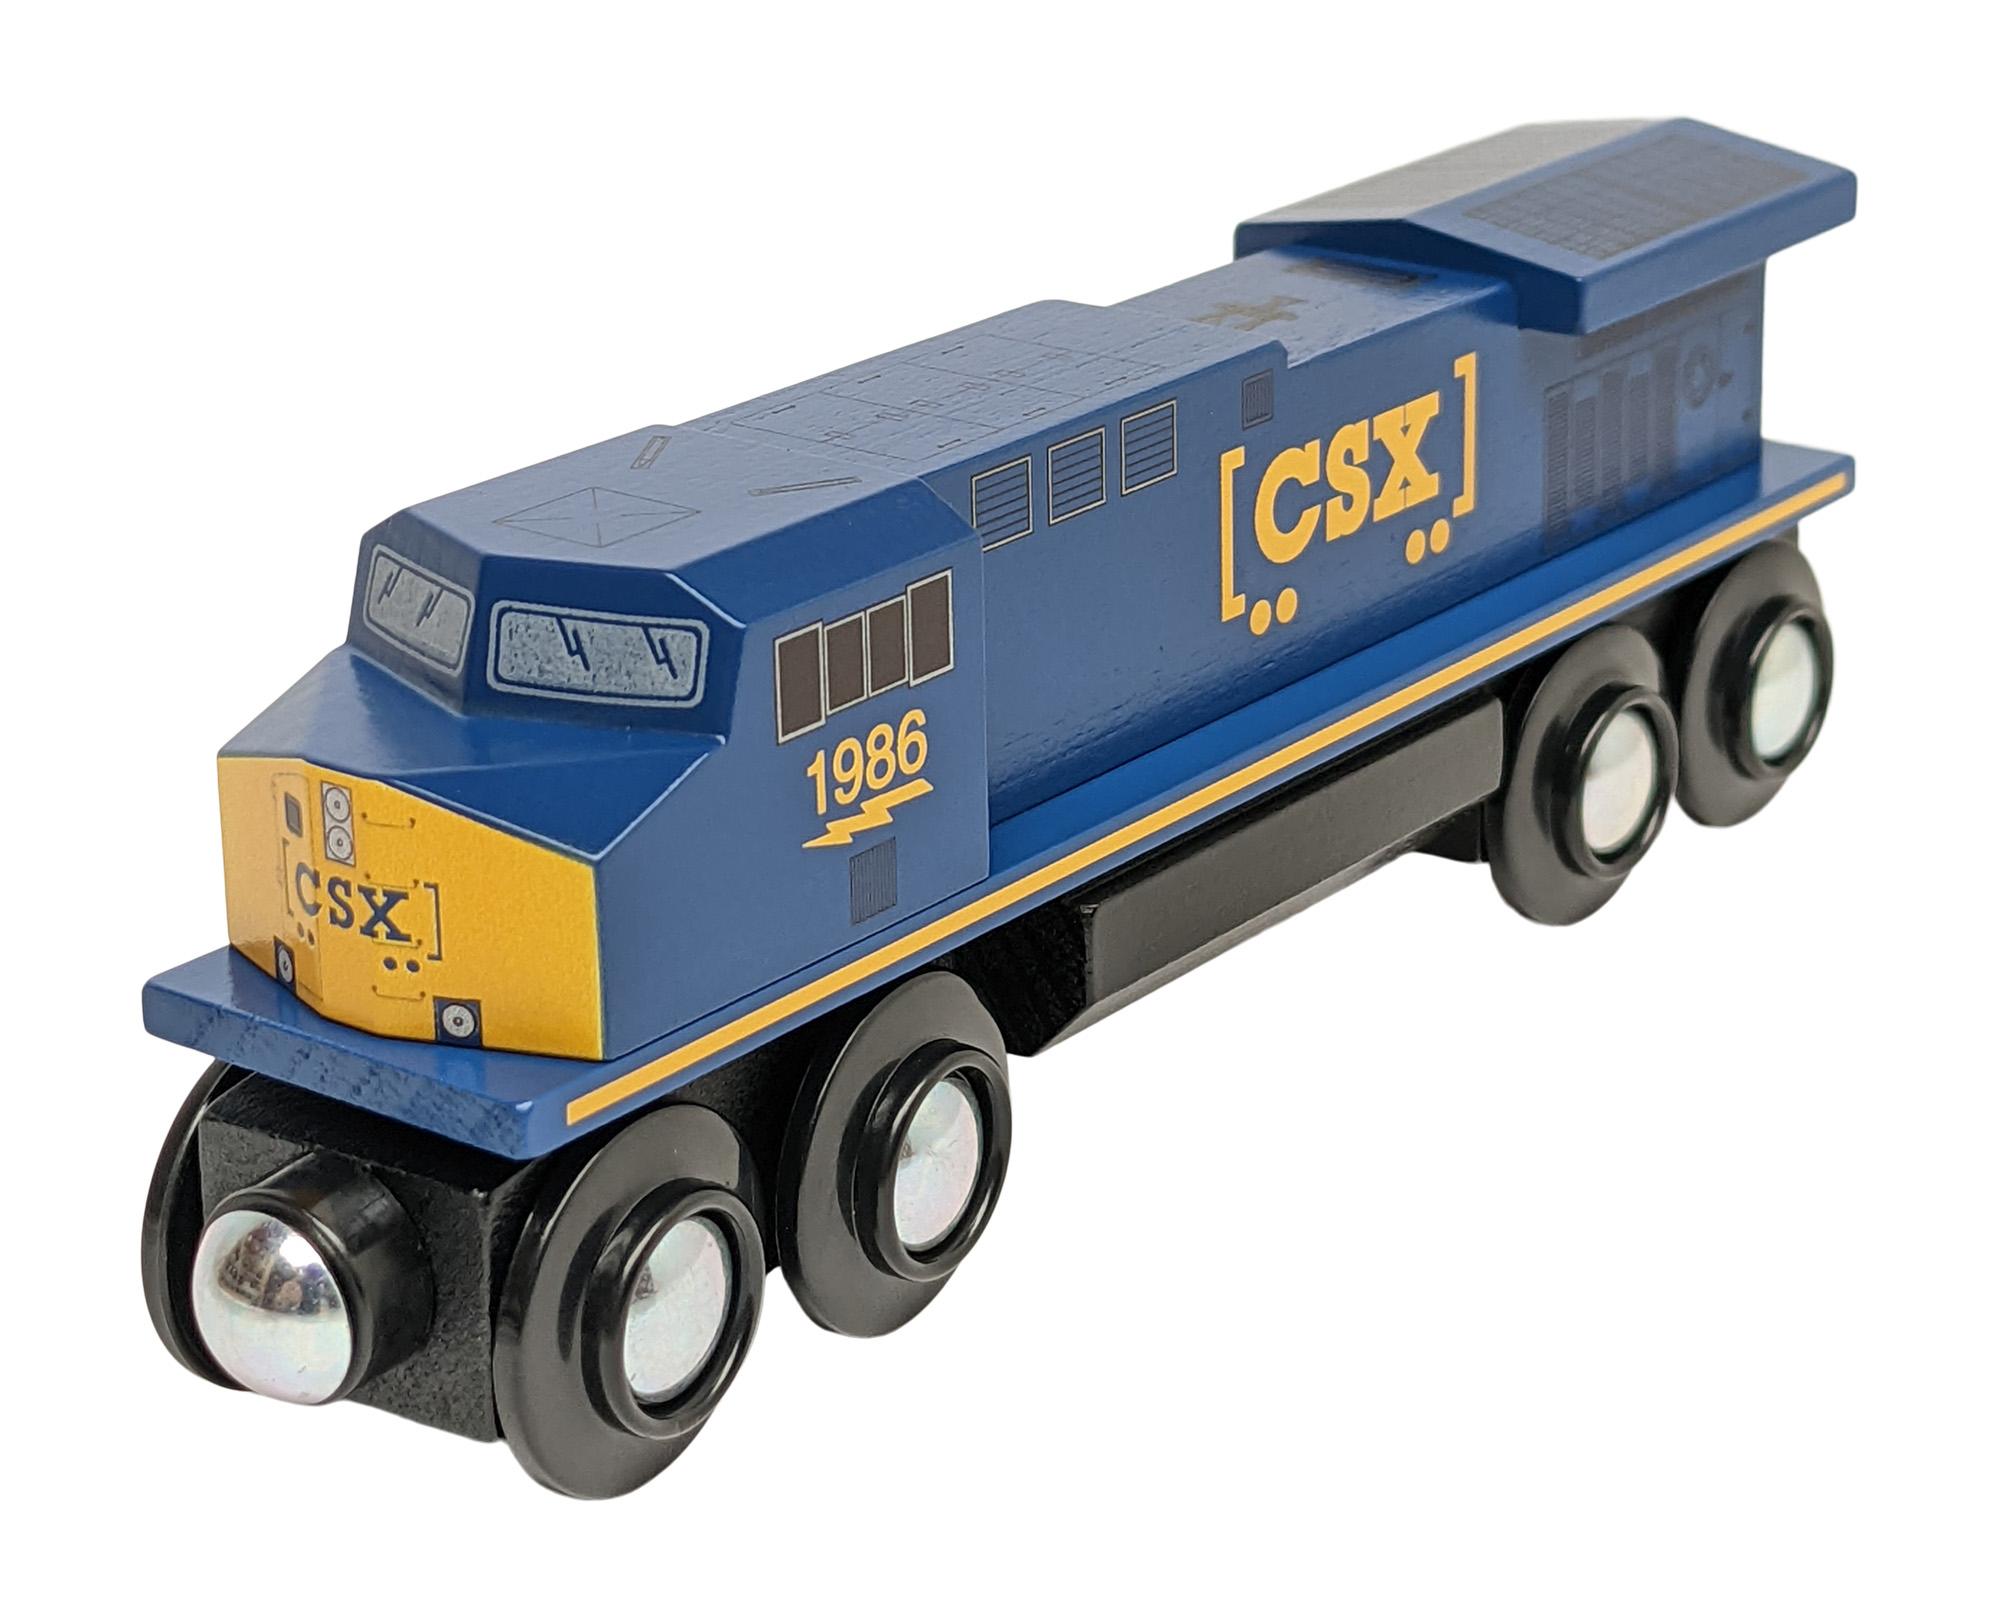 Csx Diesel Locomotive